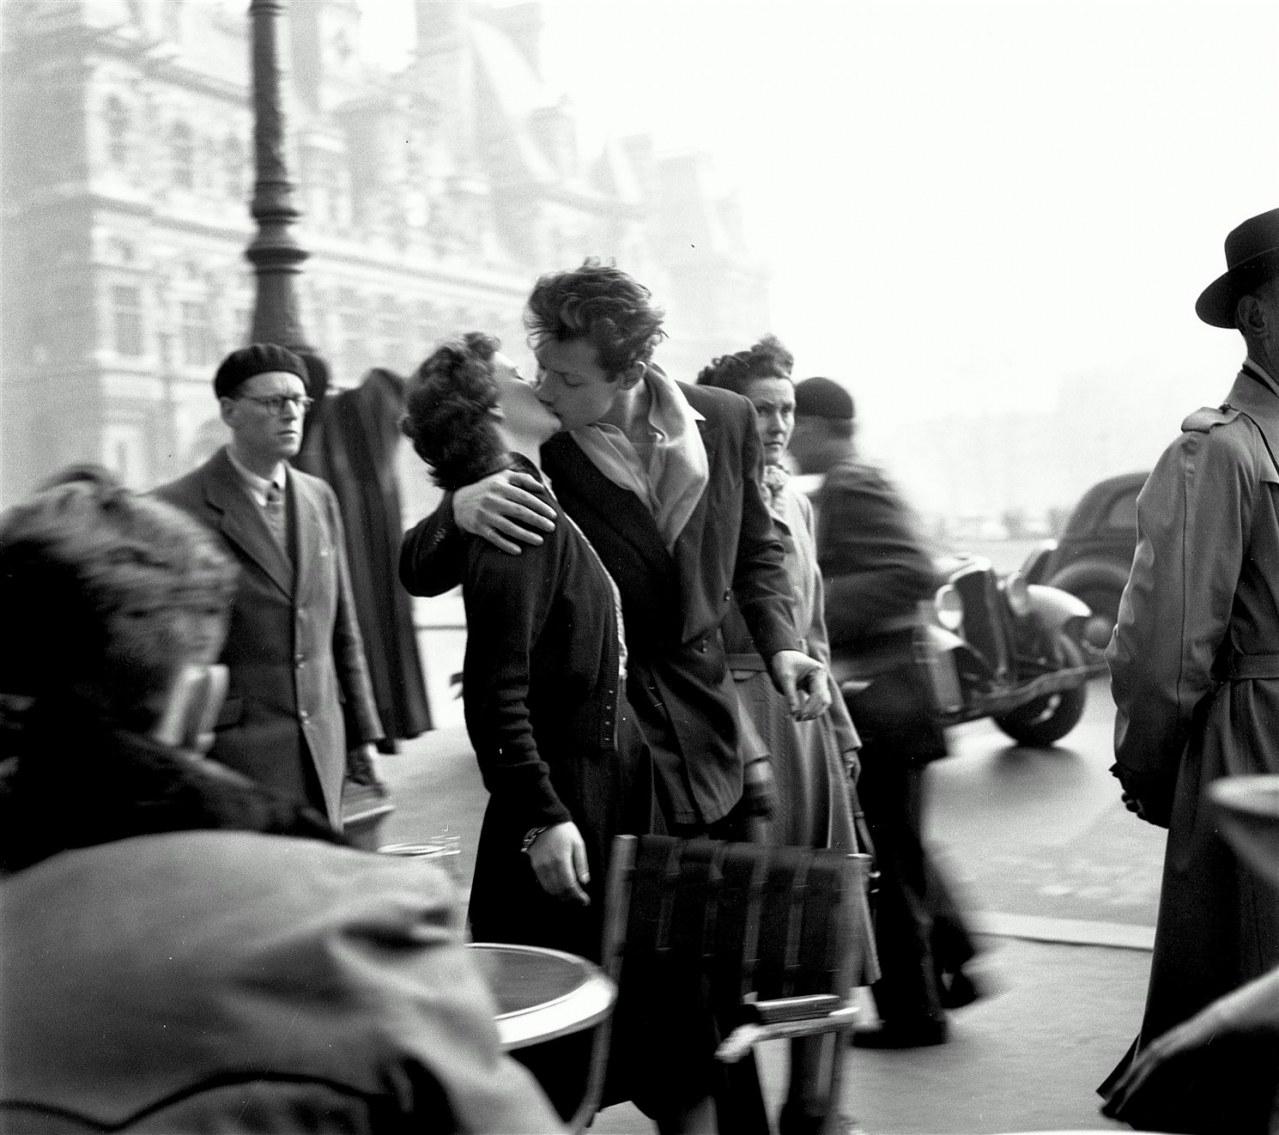 Robert Doisneau - Das Auge von Paris - Bild 1